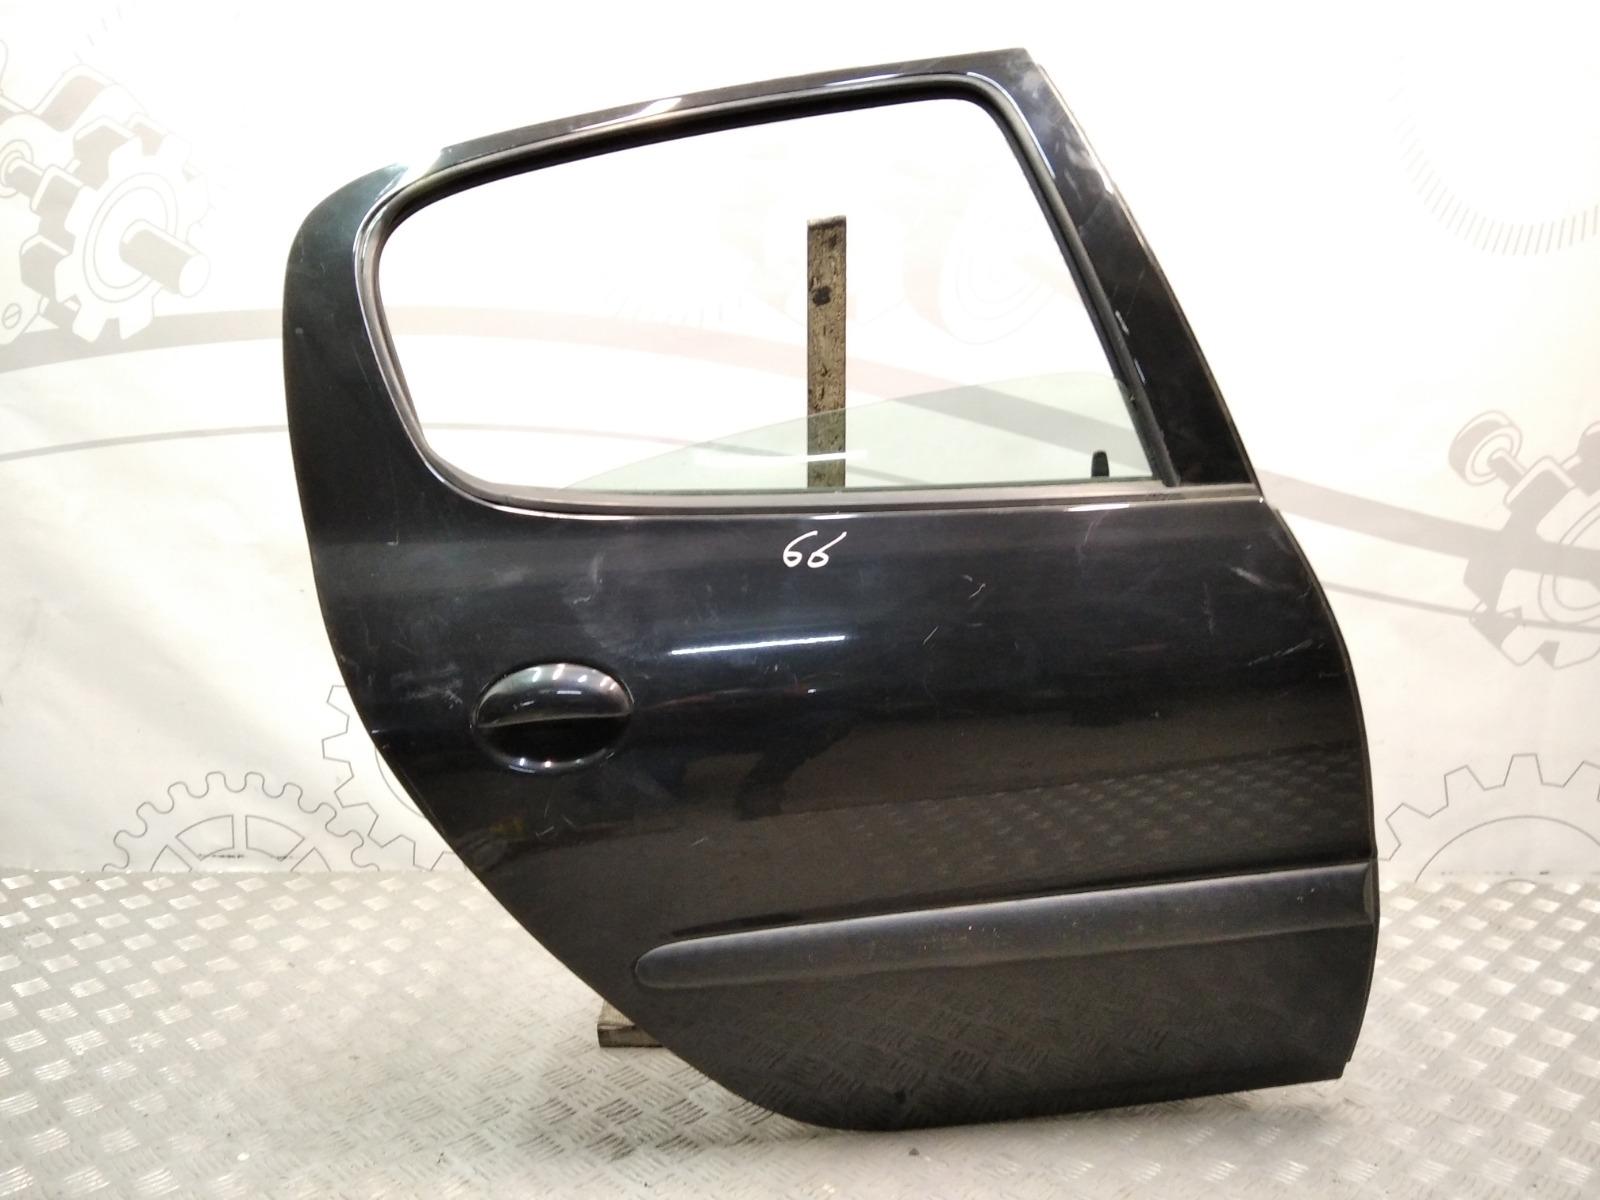 Дверь задняя правая Peugeot 206 1.4 I 2003 (б/у)